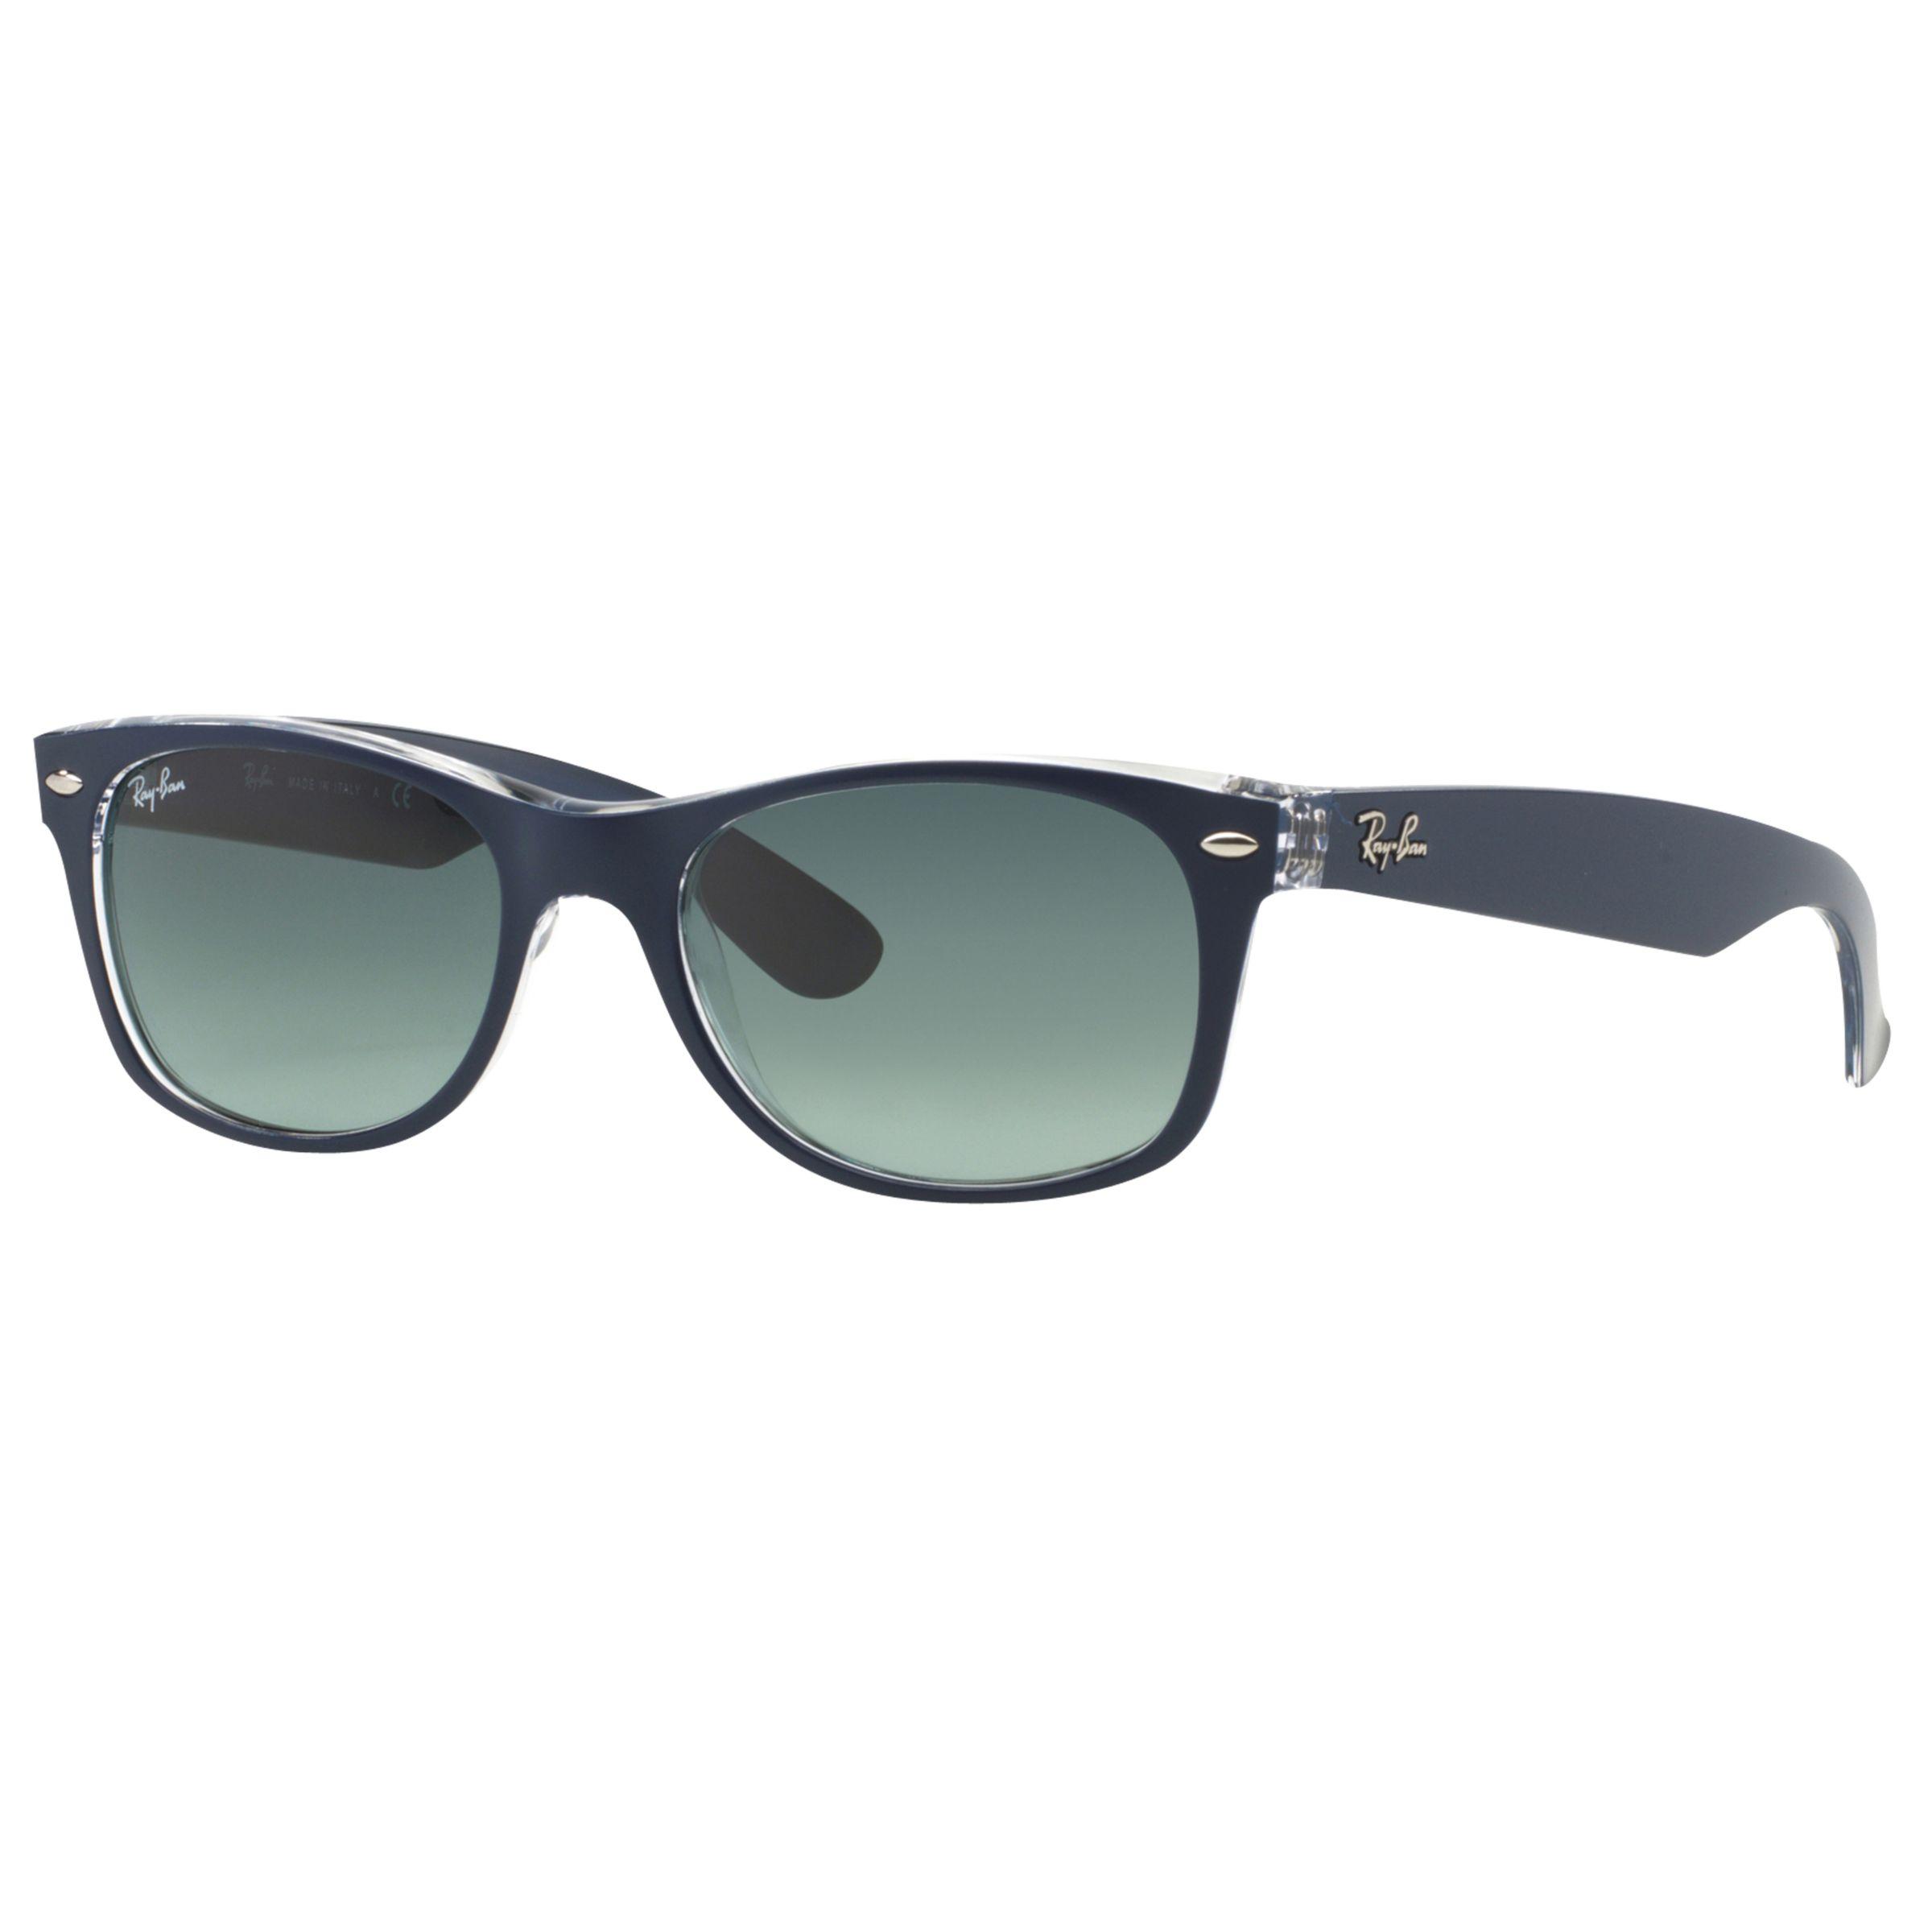 Ray-ban Ray-Ban RB2132 New Wayfarer Colour Mix Sunglasses